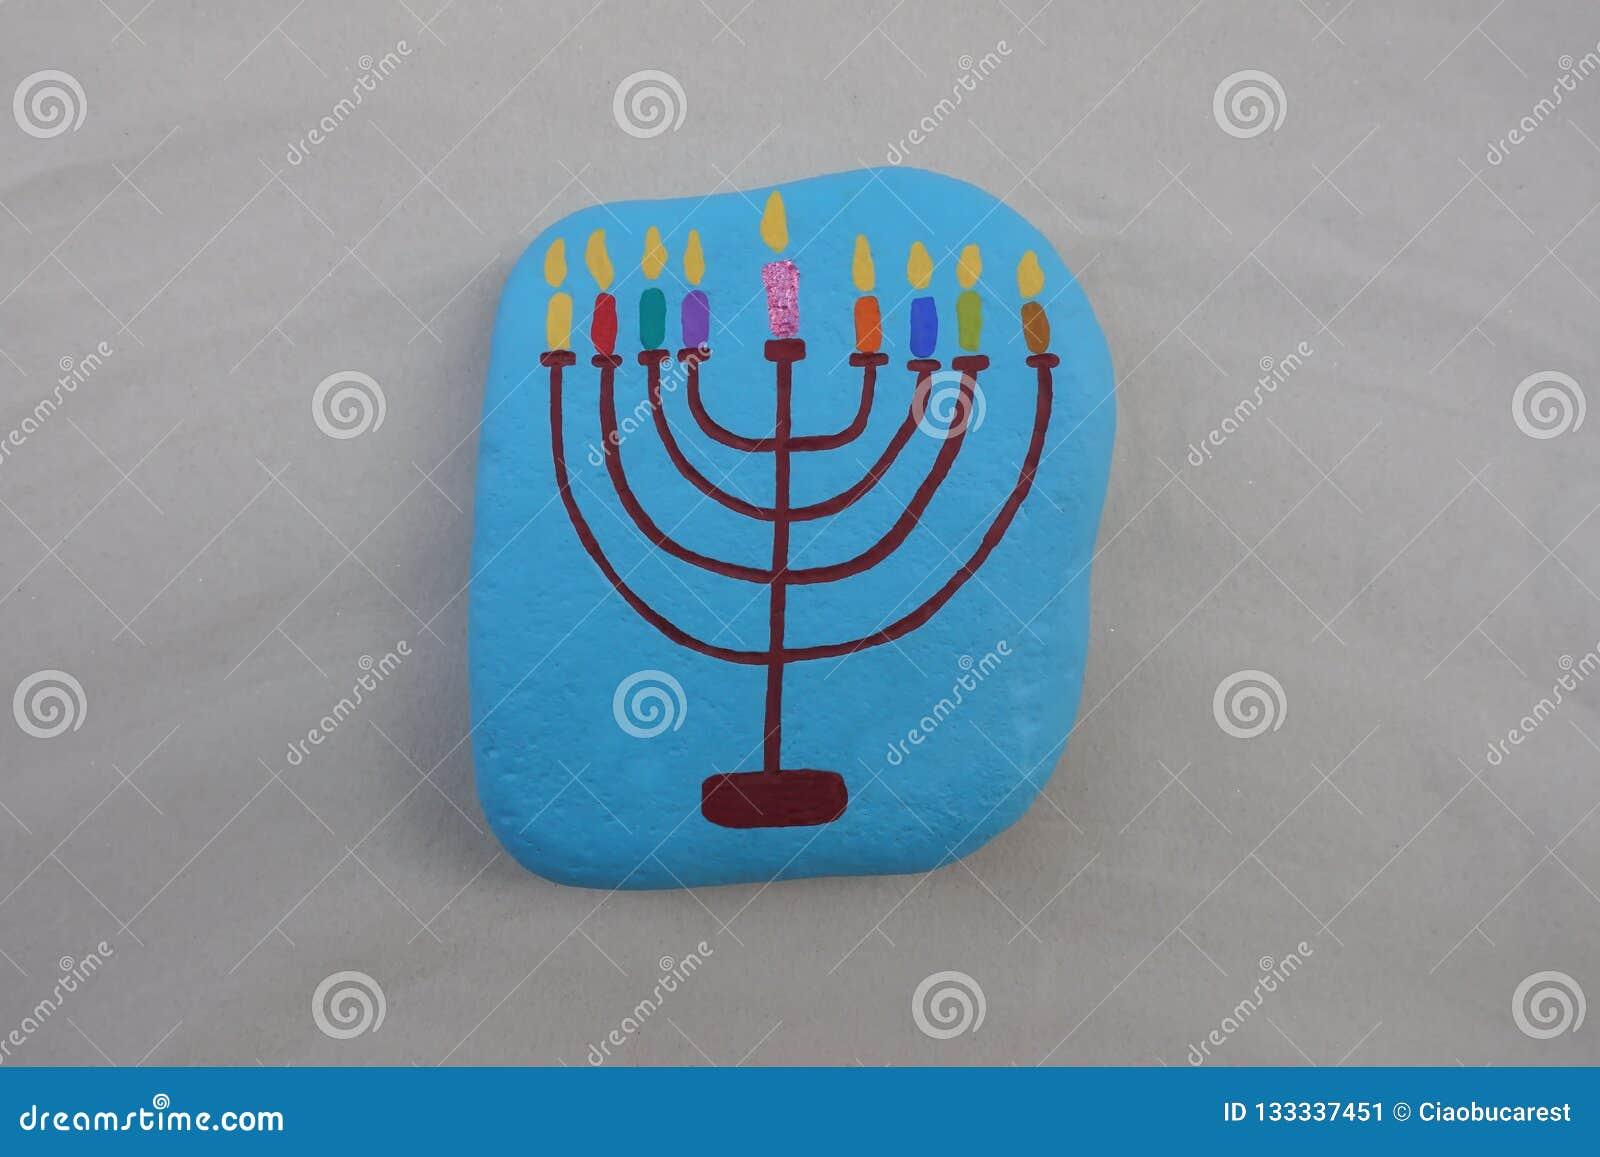 Symbol żydowski wakacyjny Hanukkah z malującym stylizowanym projektem Menorah, candlestick z dziewięć świeczkami nad kamieniem